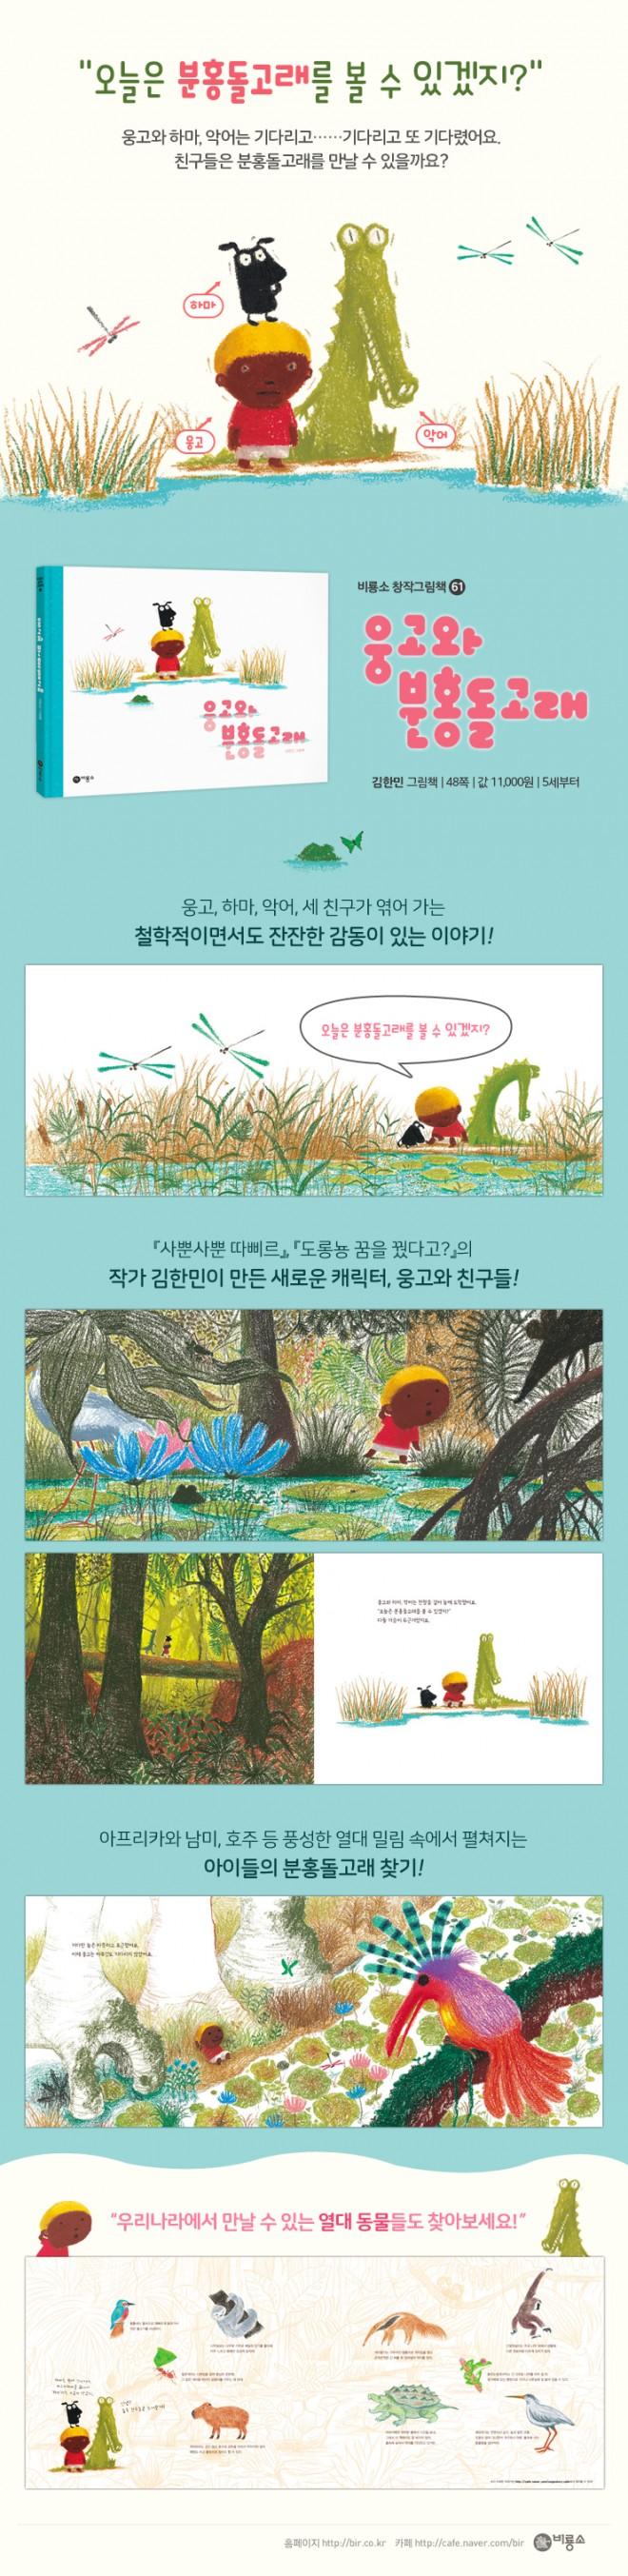 신간_웅고와분홍돌고래